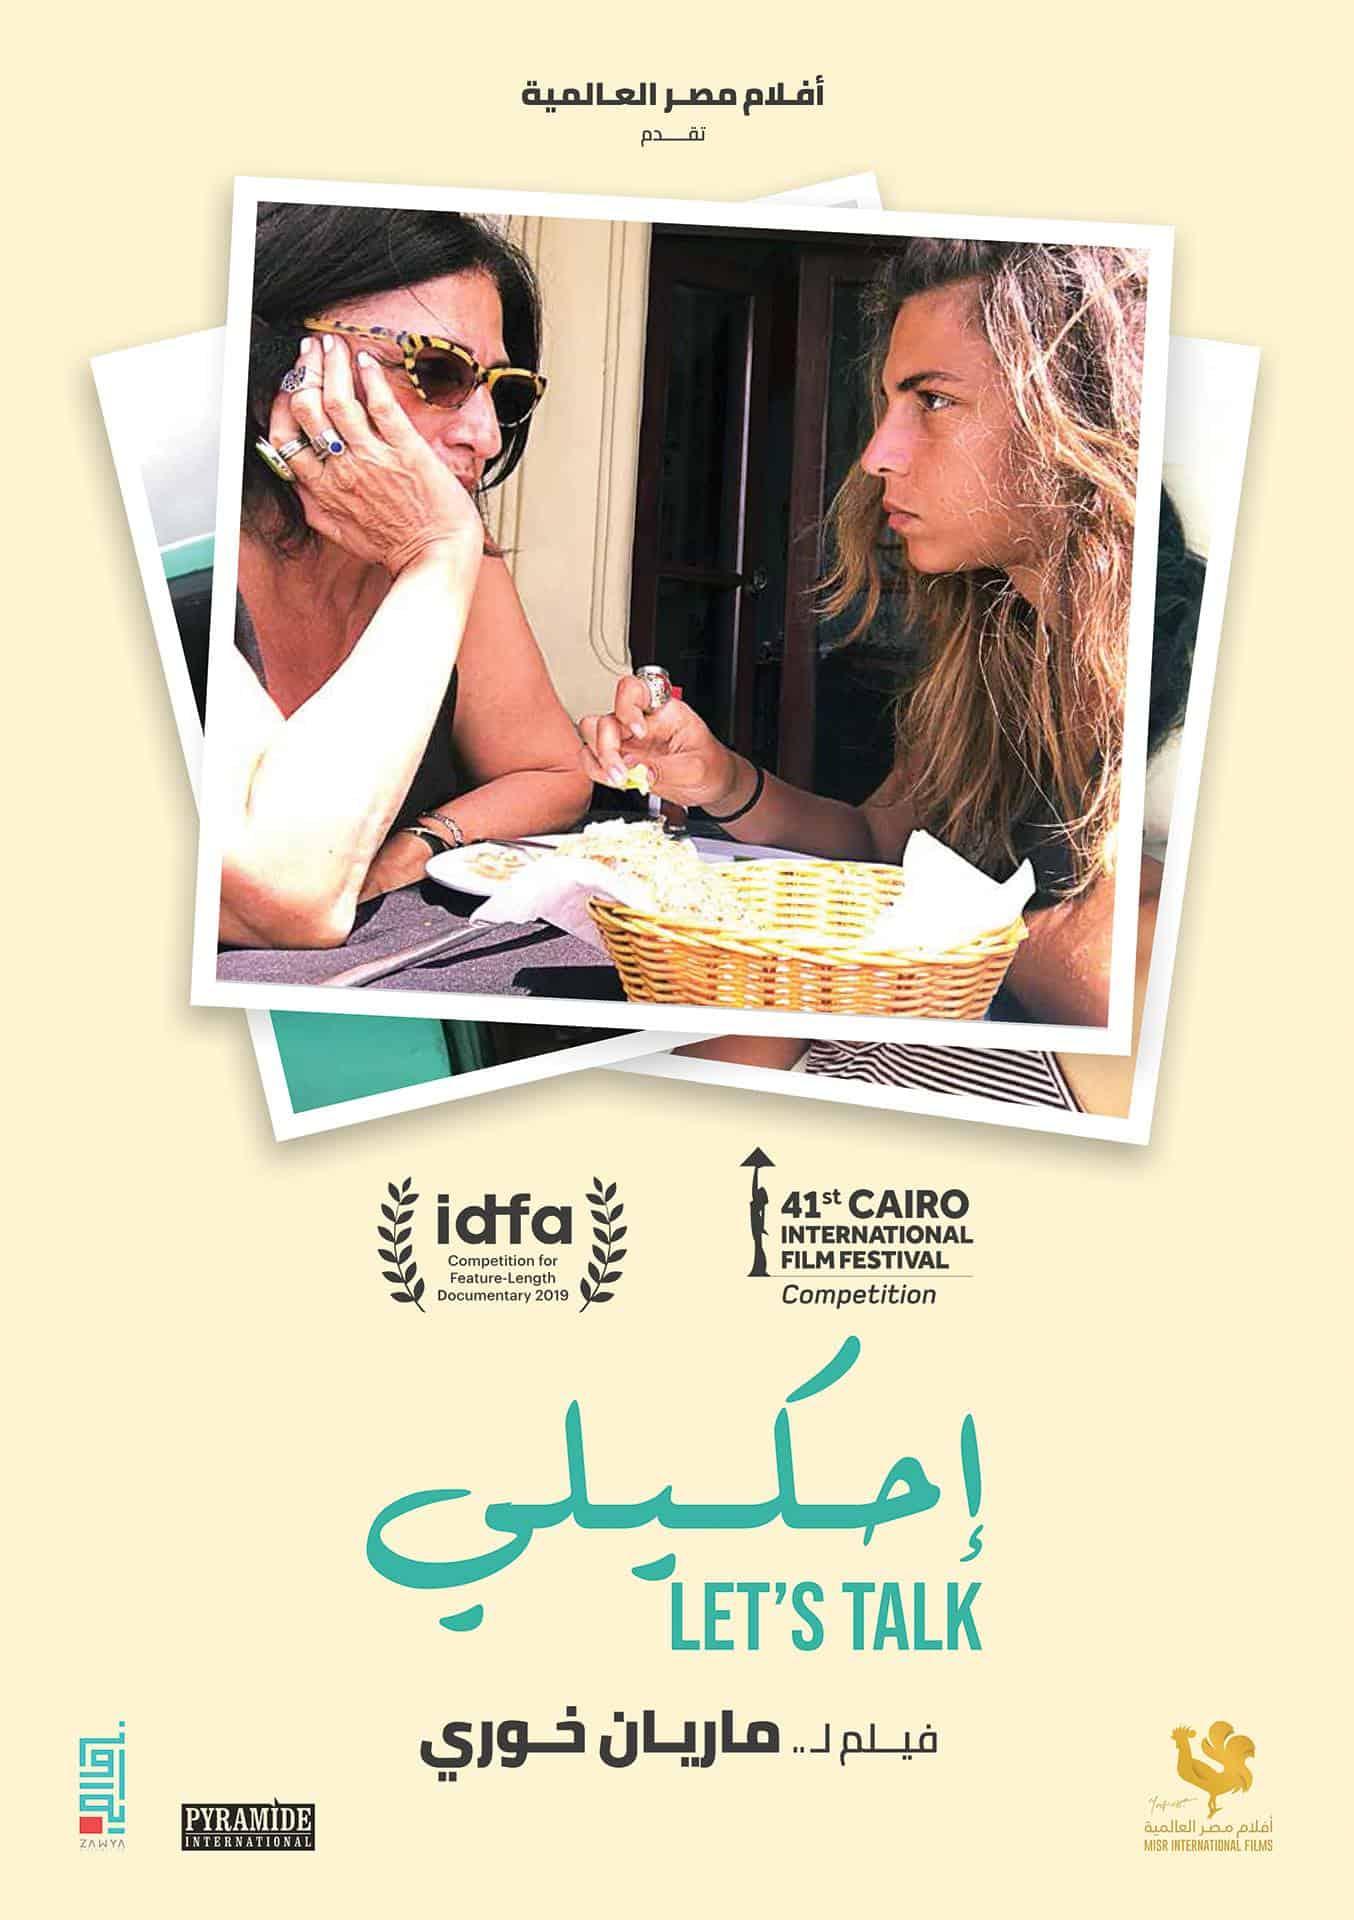 فيلم احكيلي لماريان خوري ينافس في مهرجان مالمو للسينما العربية